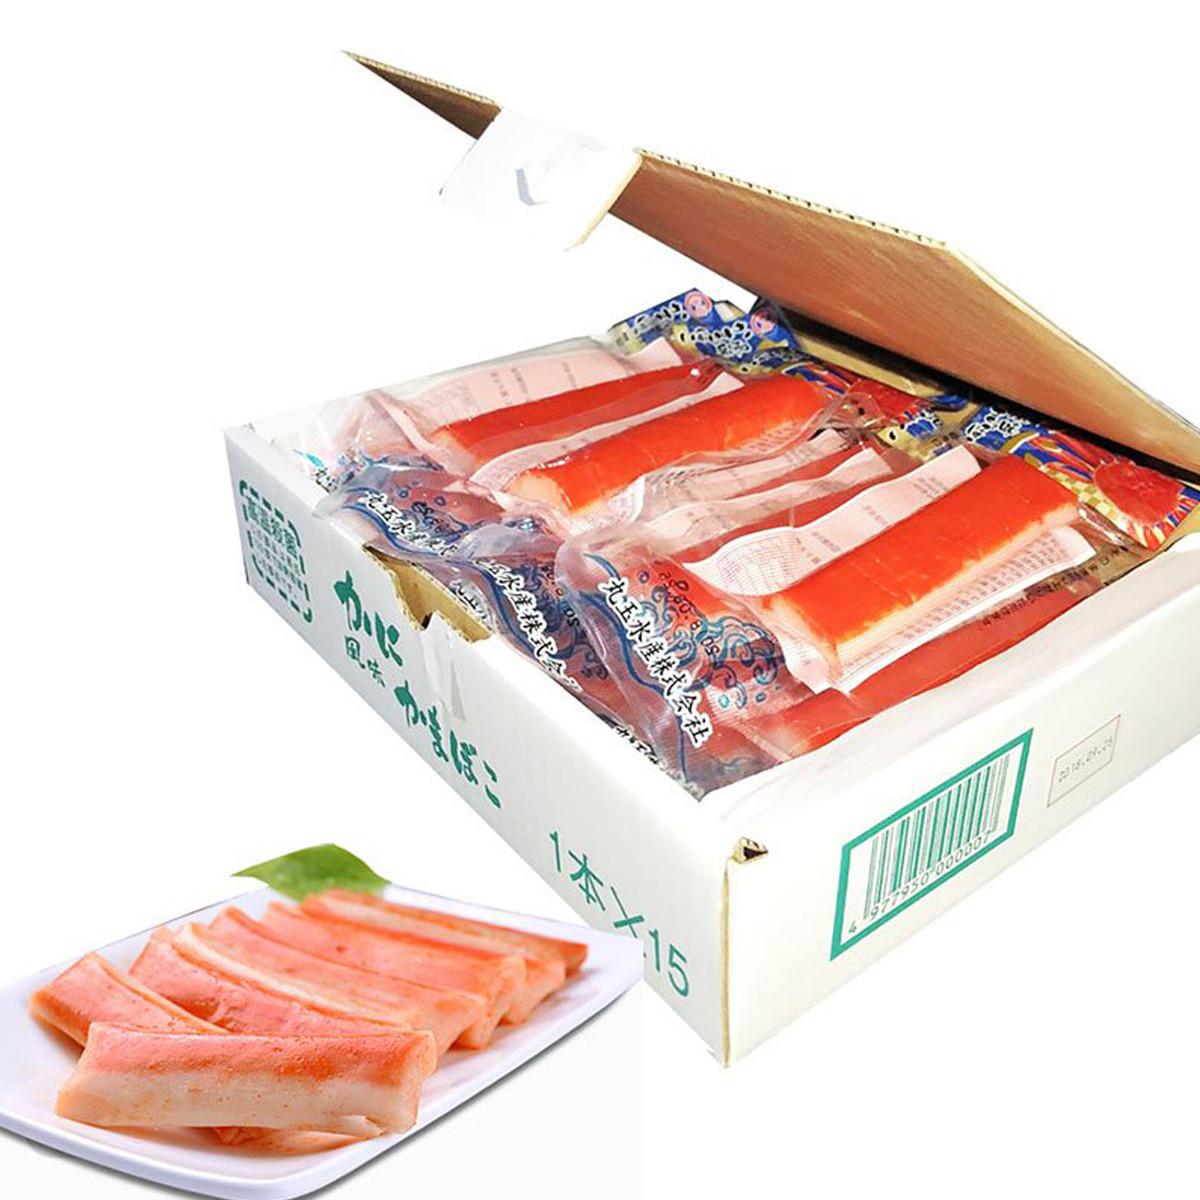 春捃【日本进口】春捃 即食蟹柳味鱼肉棒 45g*15COLOR蟹柳味鱼肉棒